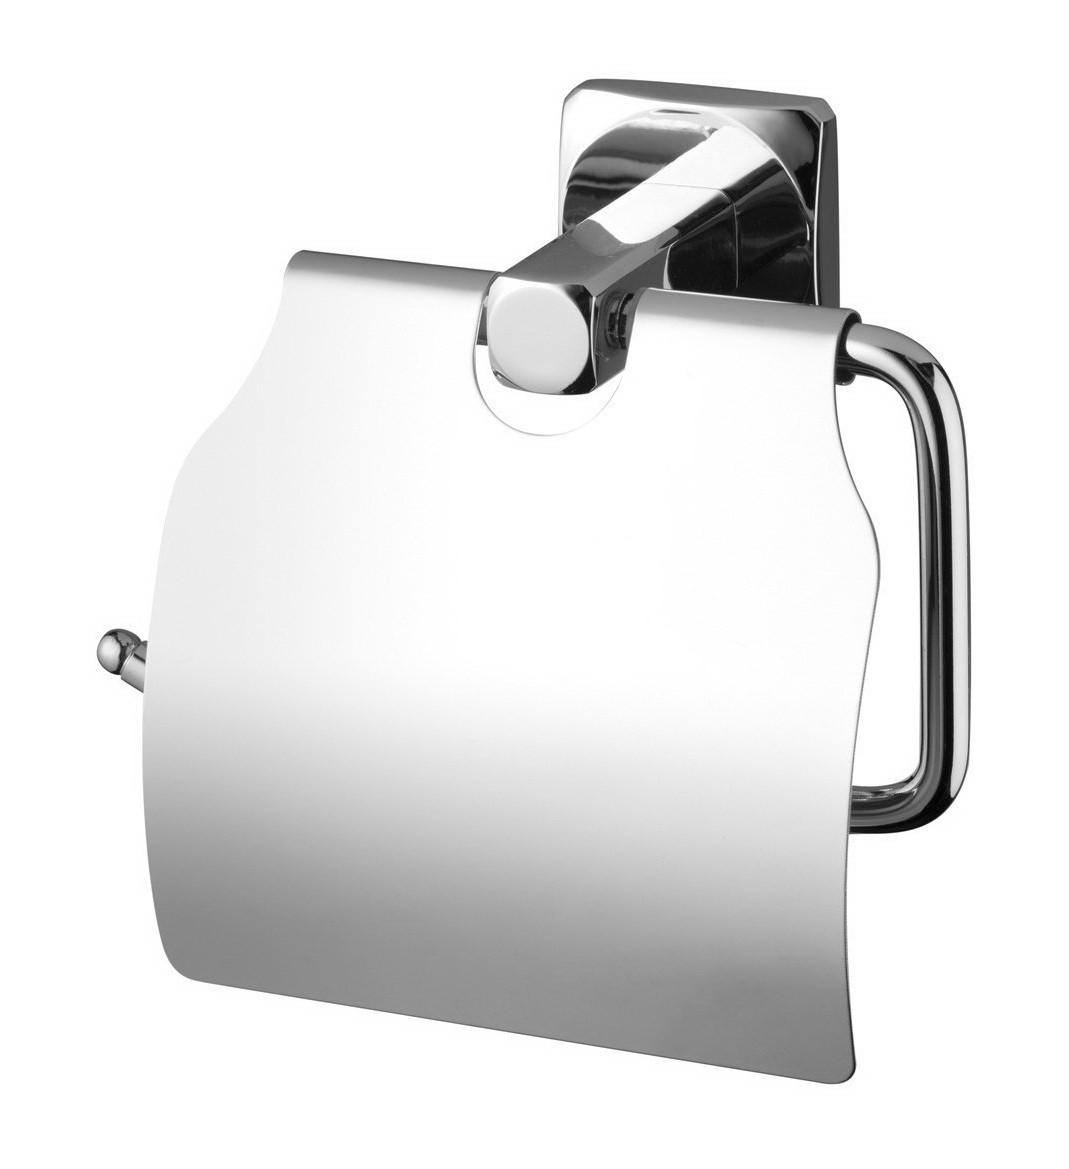 bisk Держатель туалетной бумаги Bisk Ice 04857